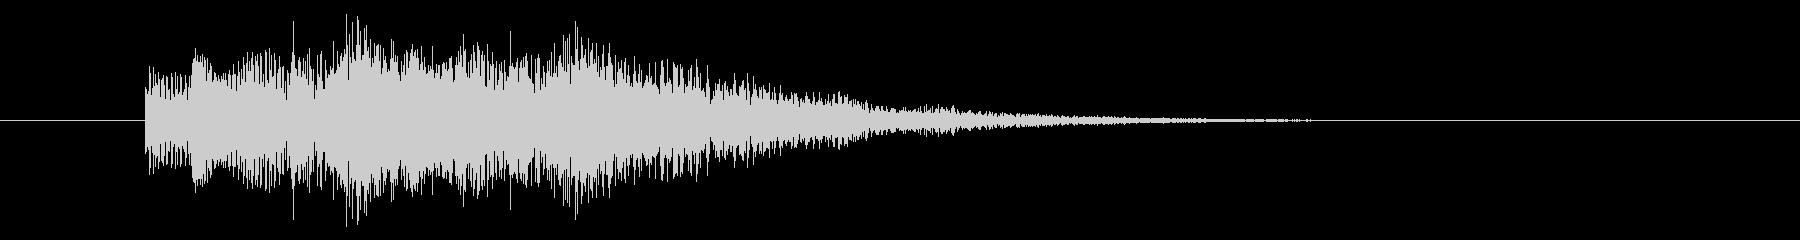 アイテム/取得/キラッ_02の未再生の波形